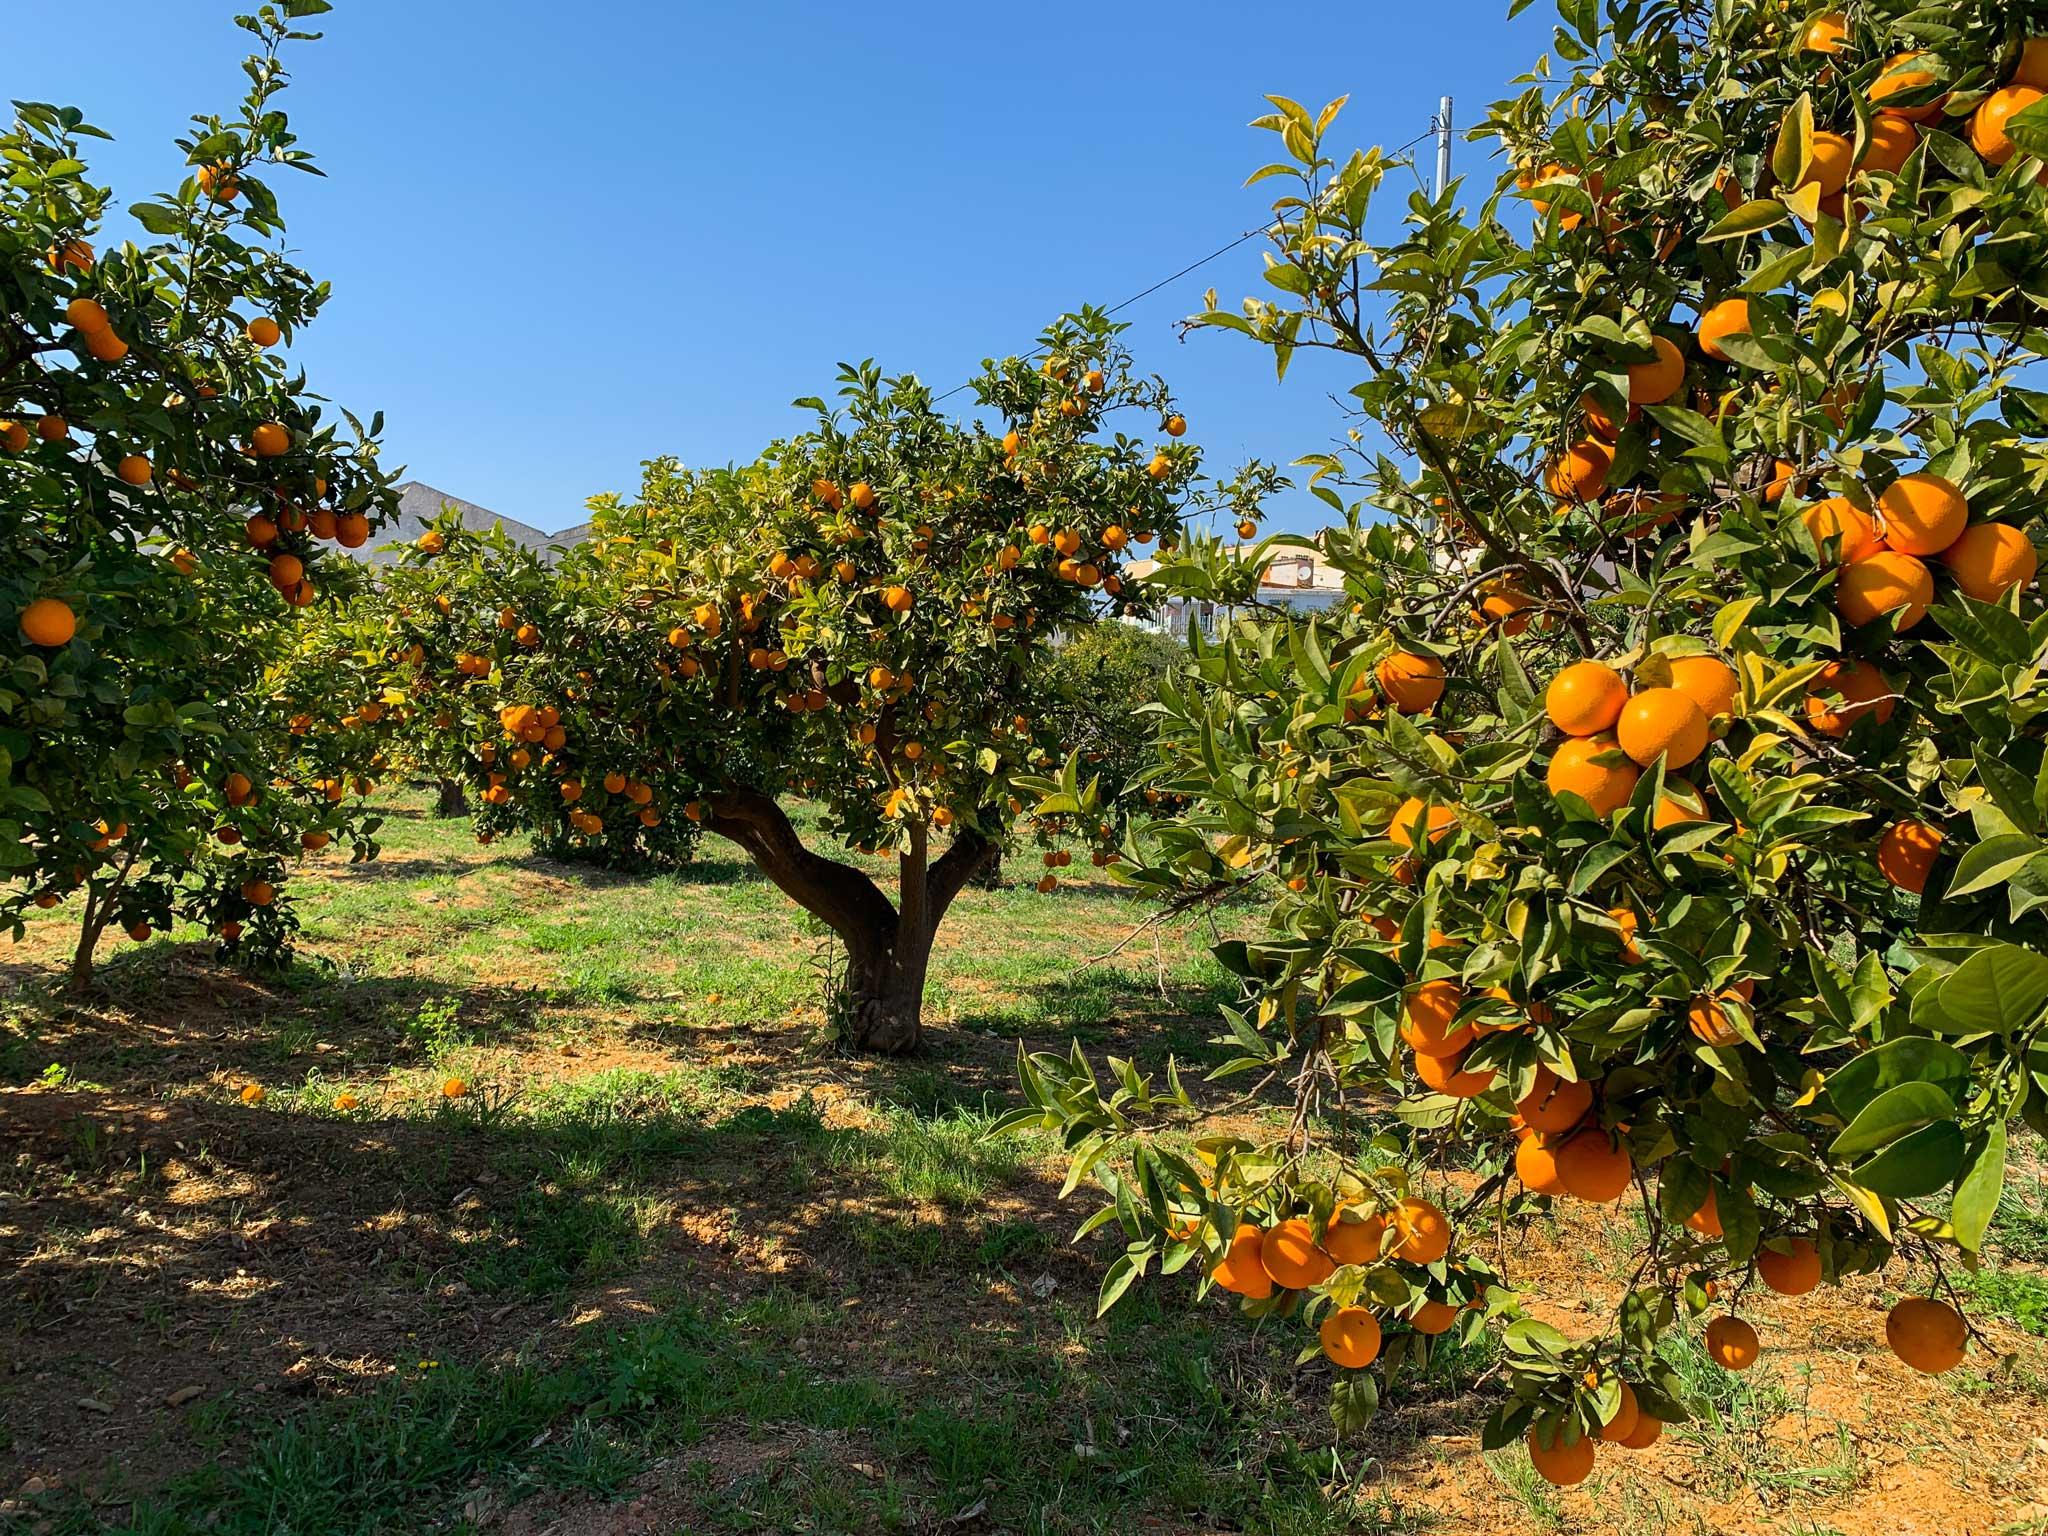 Oransje og innbydende